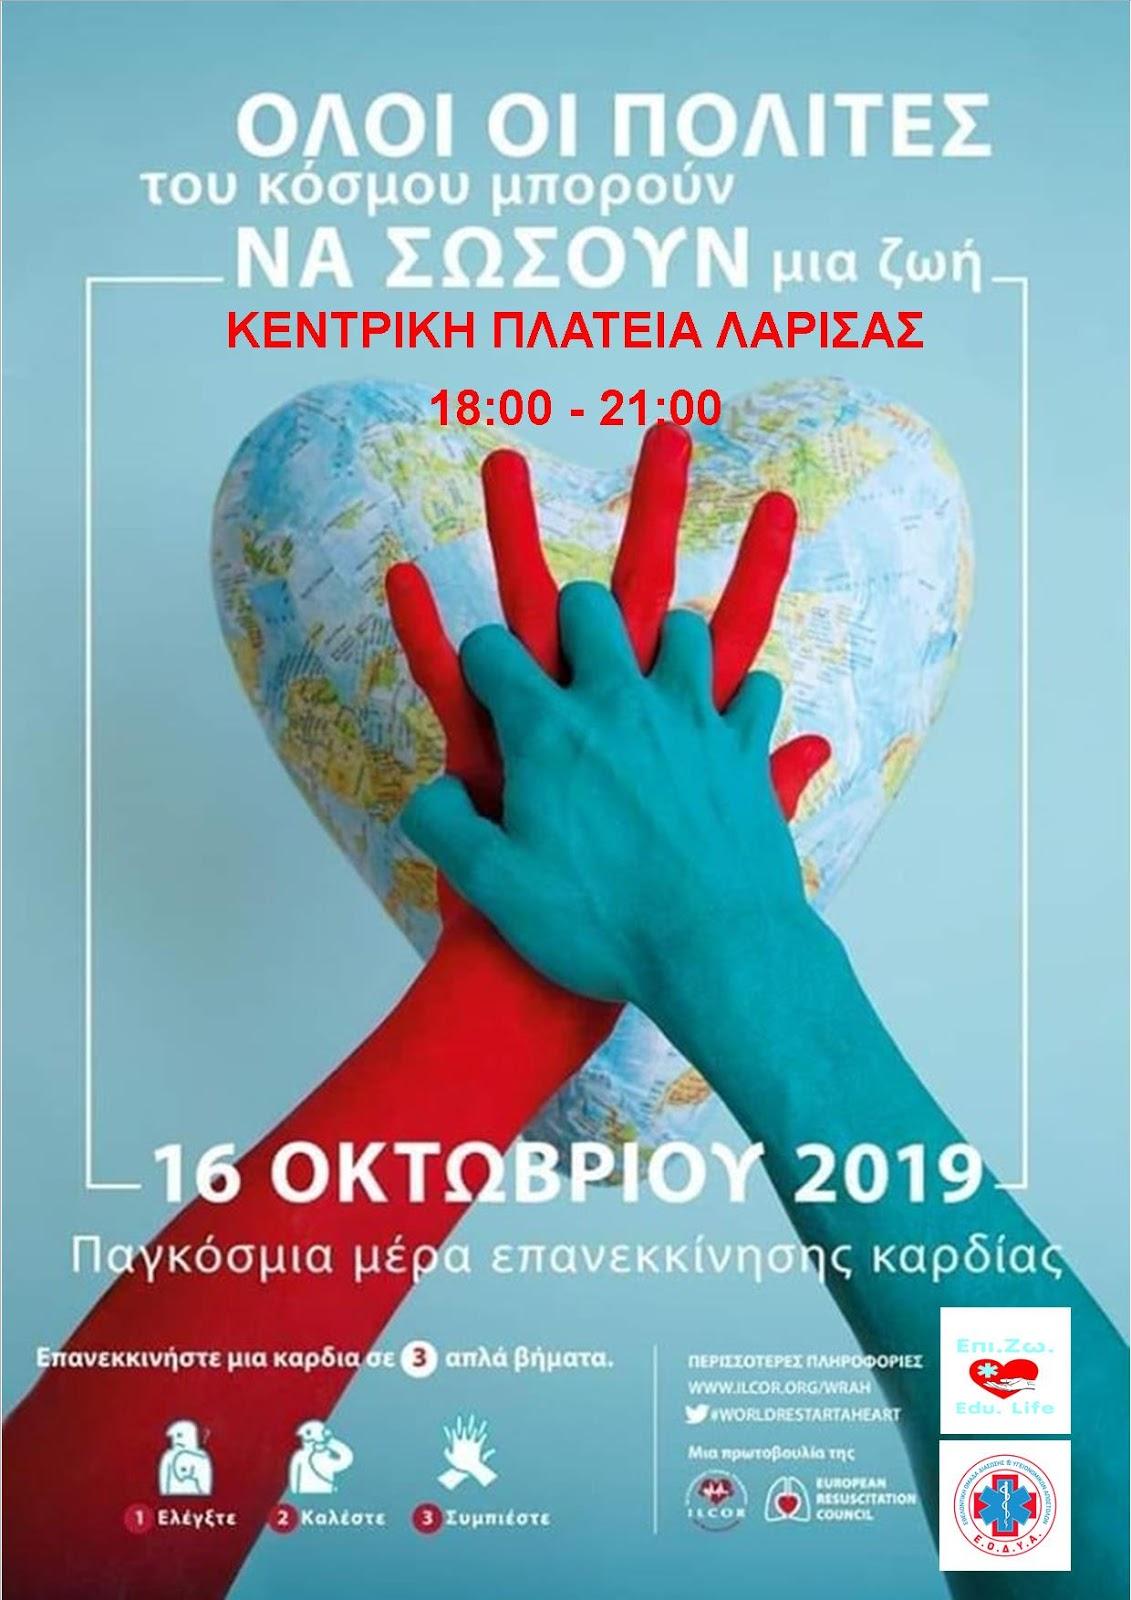 """Συμμετοχή στη δράση """"Παγκόσμια ημέρα επανεκκίνησης Καρδιάς"""""""